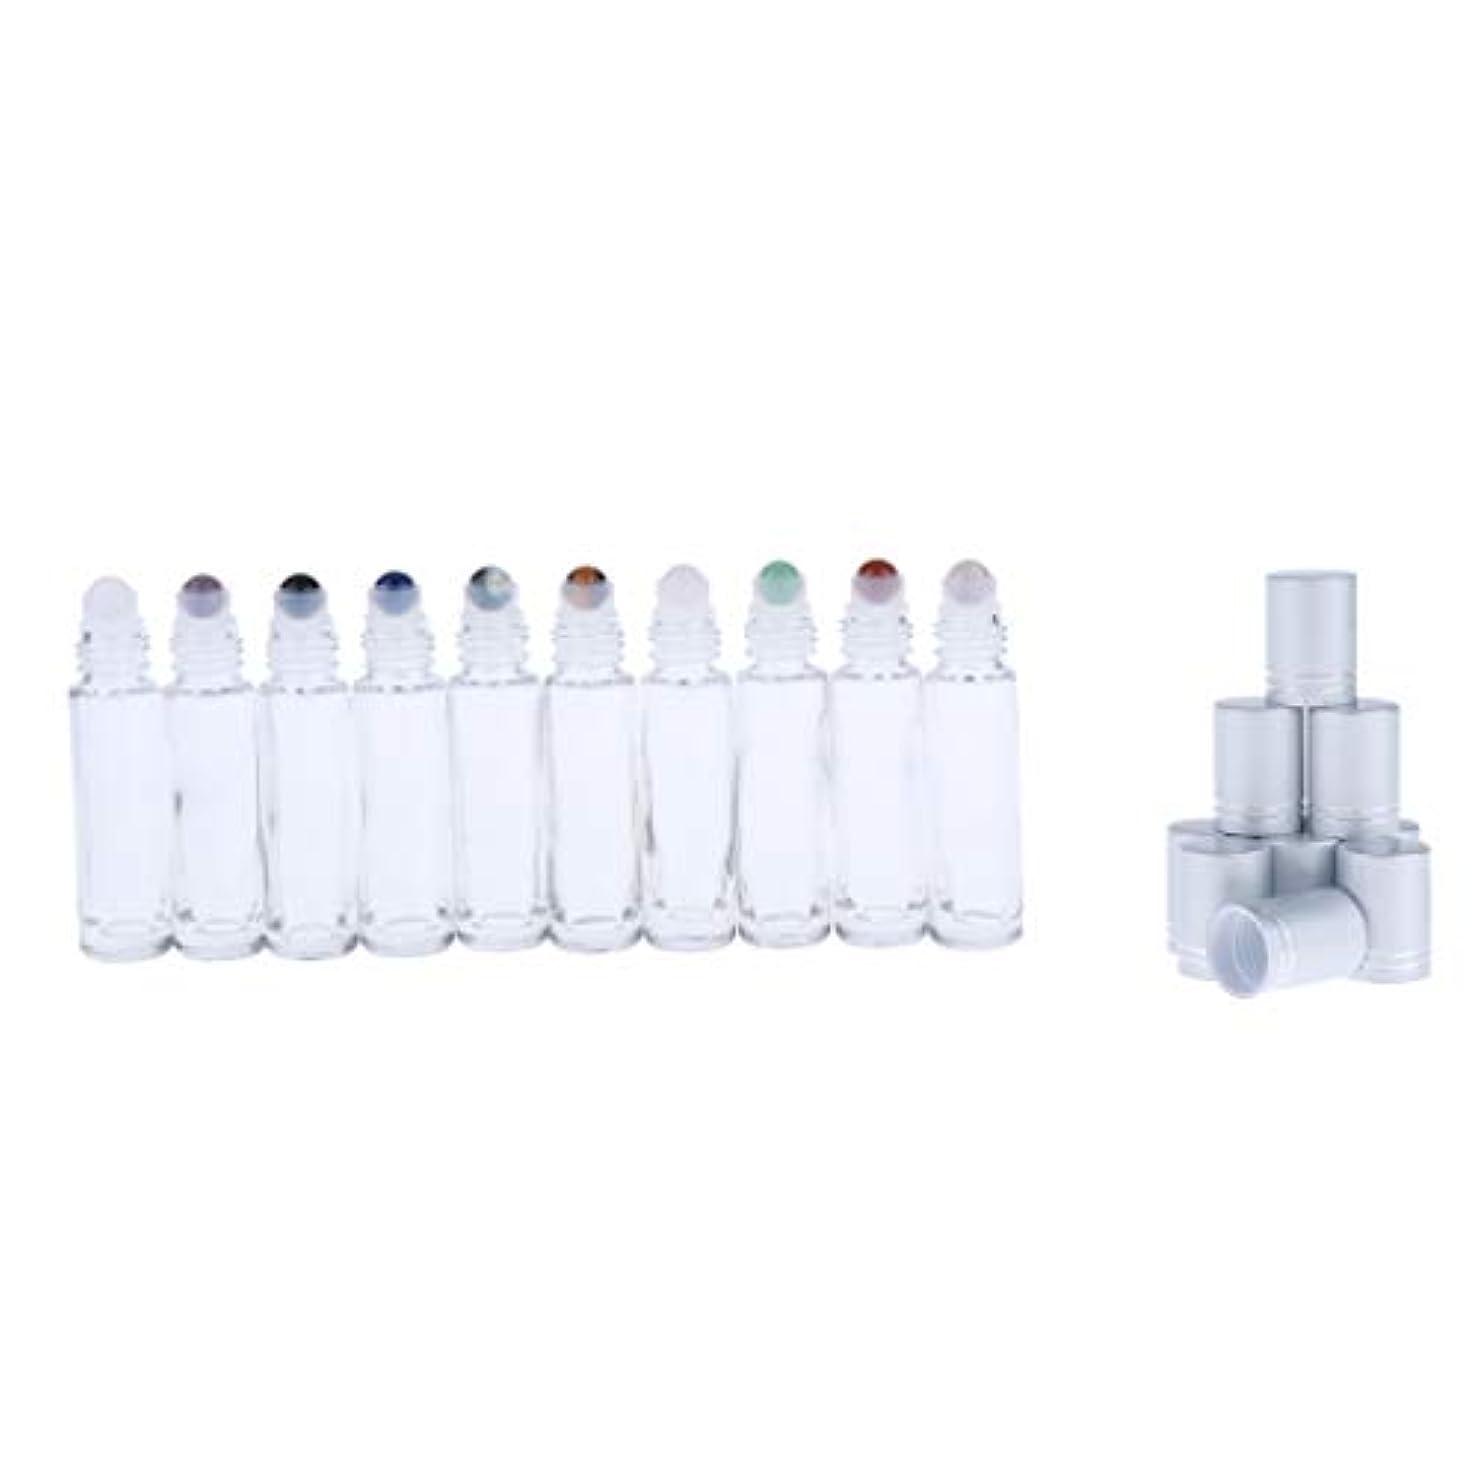 寝る懲戒母音10ml ロールオンボトル ガラス容器 透明 香水 アロマ 精油 小分け用 見分け携帯便利 10個入